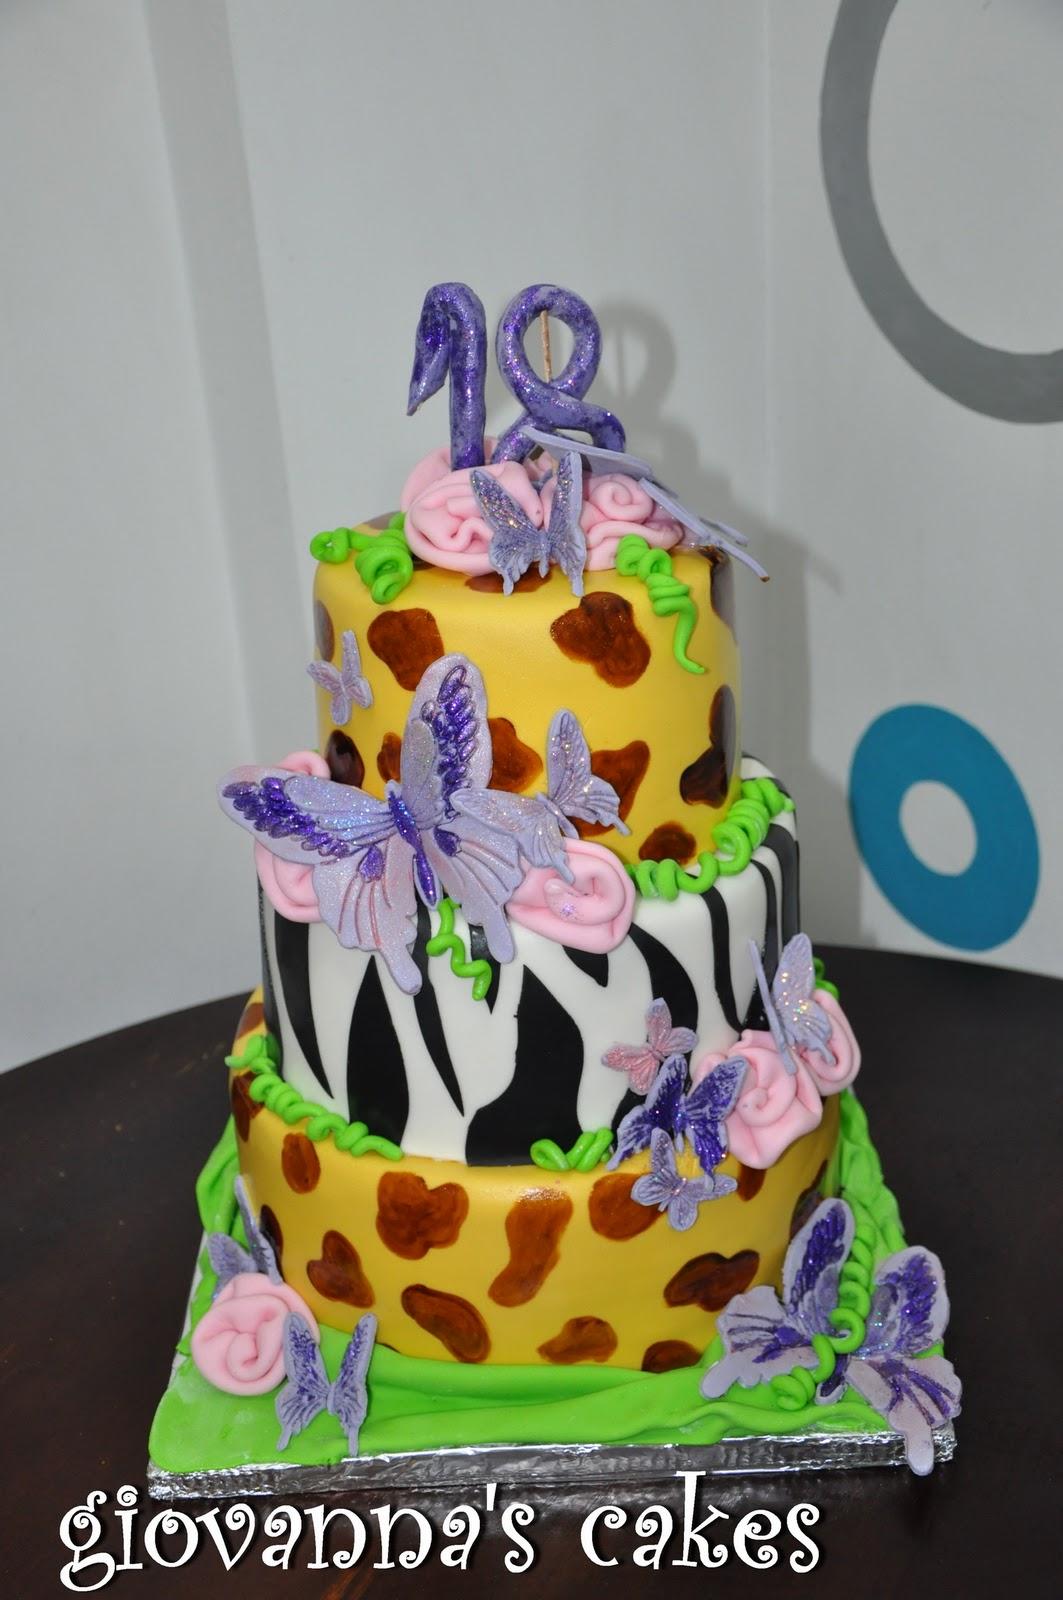 Giovannas Cakes 18 Years Old Birthday Cake